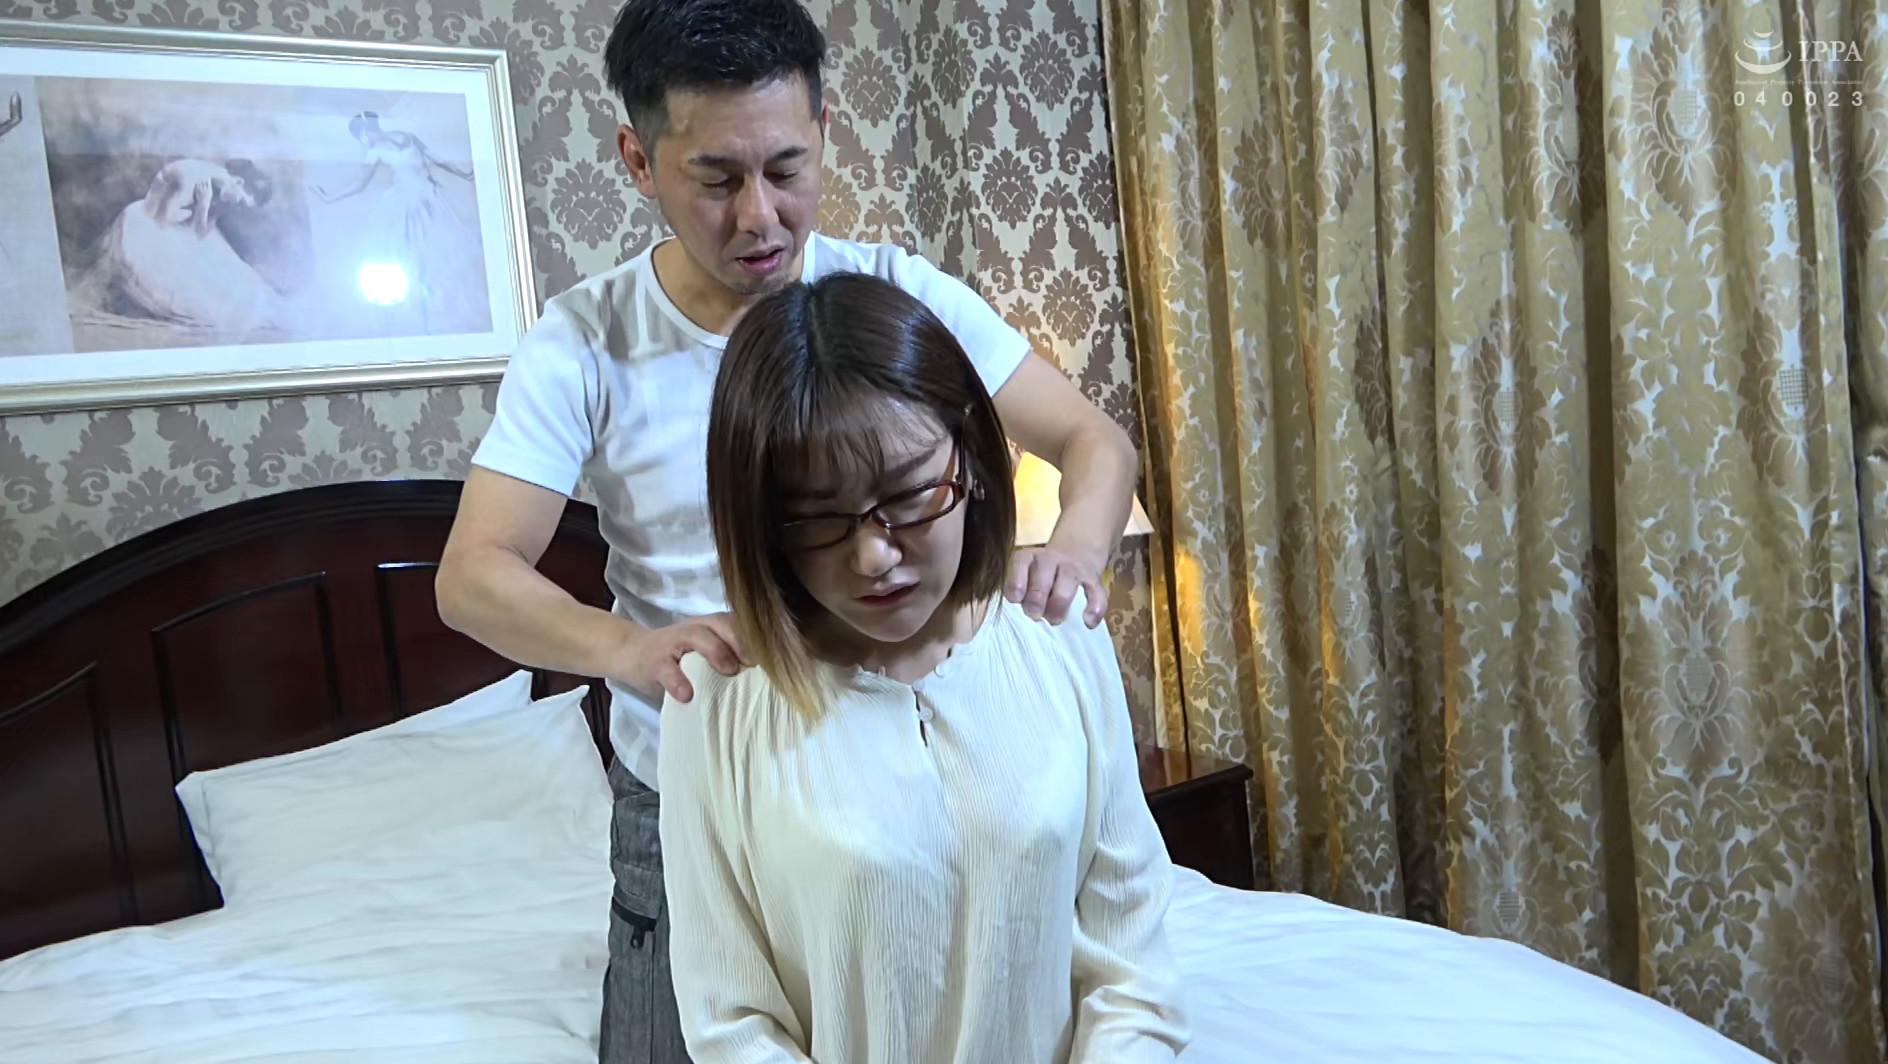 韓国で見つけた雨の中で読書する不思議な彼女は、アイドル顔負けのビジュアルと超絶クビレの持ち主!脱がしたパンティの匂いを嗅ぎながらの羞恥プレイでハメ倒す! 画像2